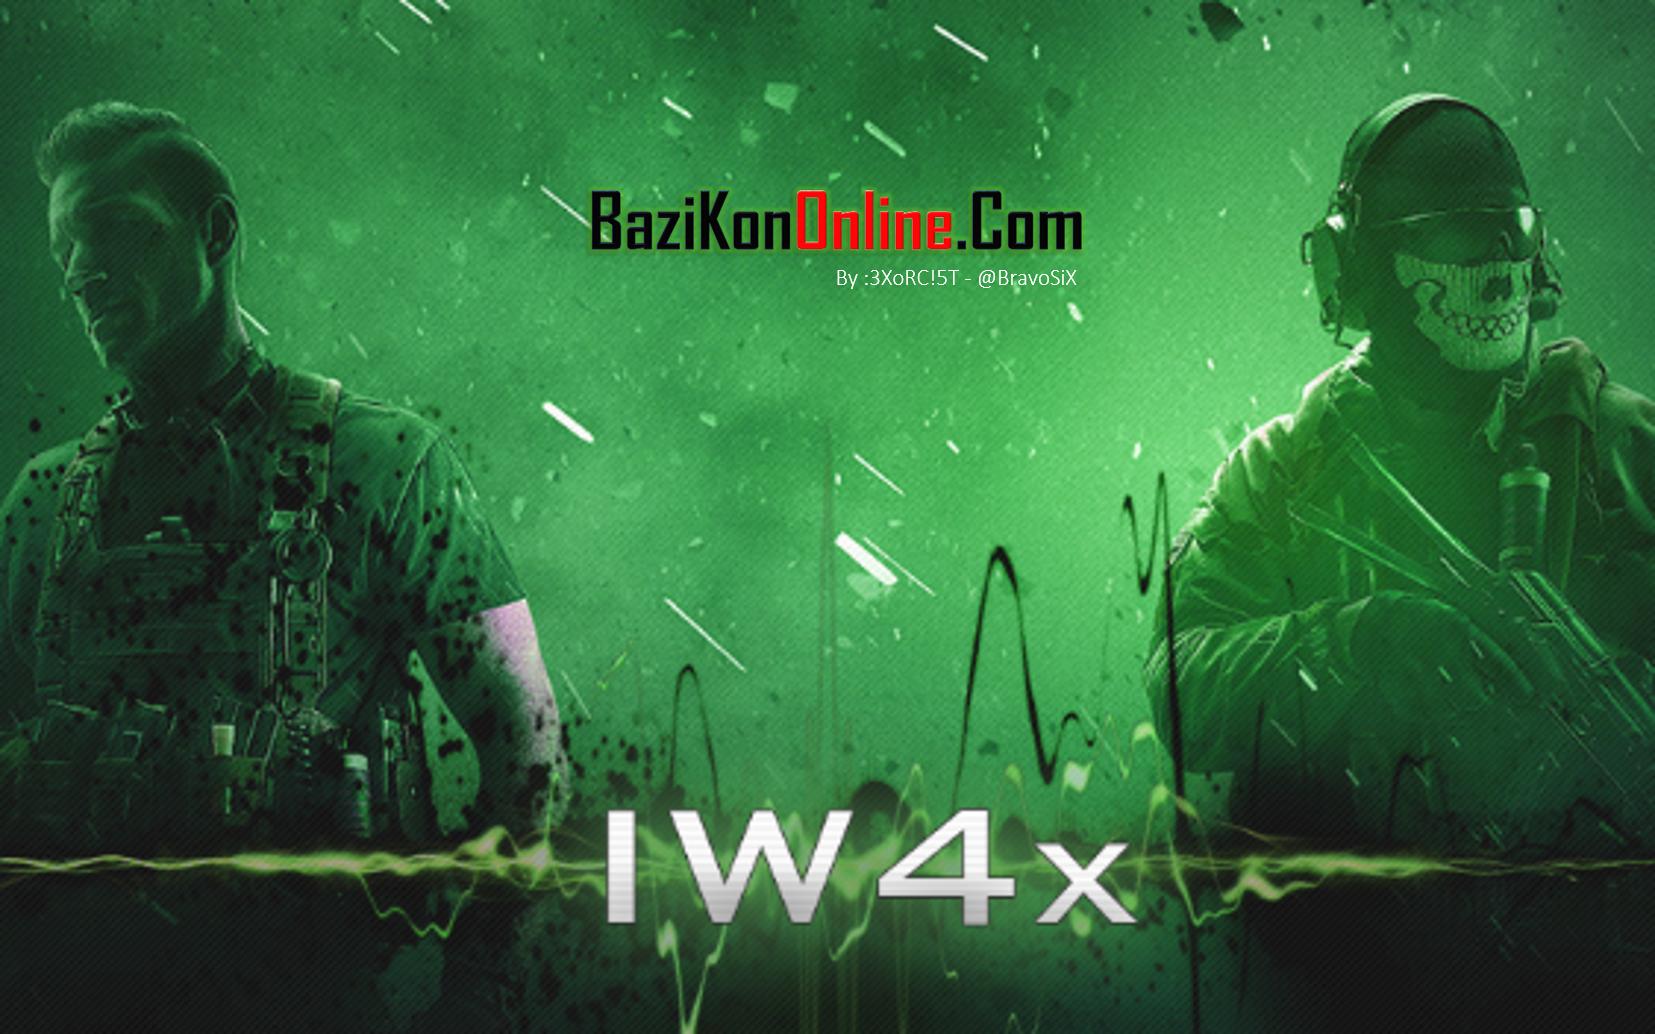 آنلاین کردن MW2 به روش iW4x